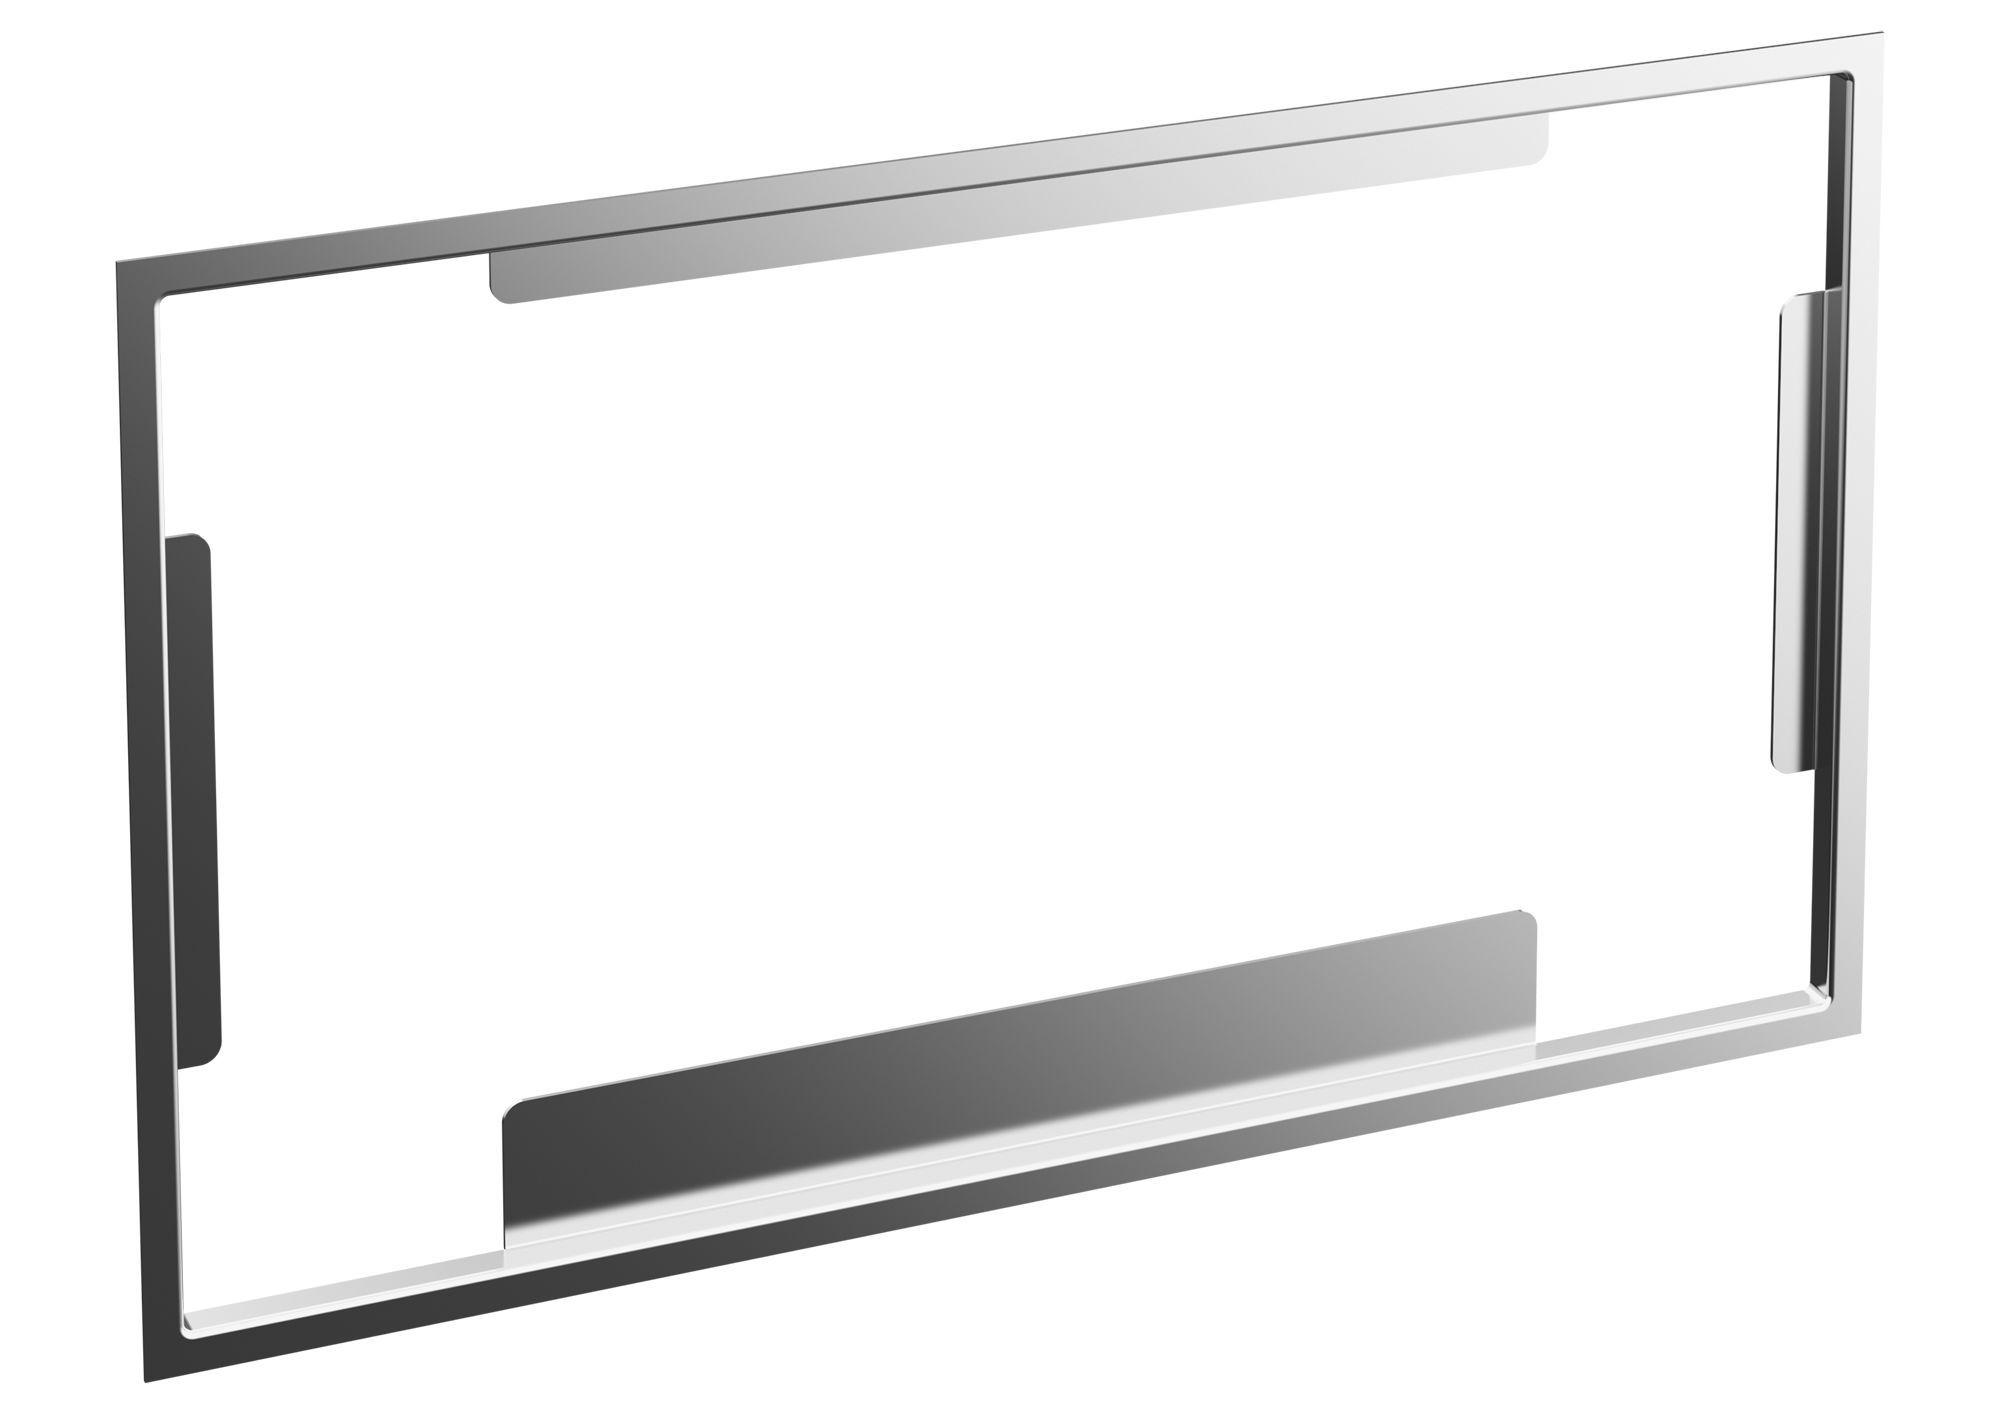 Villeroy & Boch ViConnect Distanzrahmen für Einbauset flächenbündig B:26,5xH:15,7x,7cm Edelstahl 922158LC